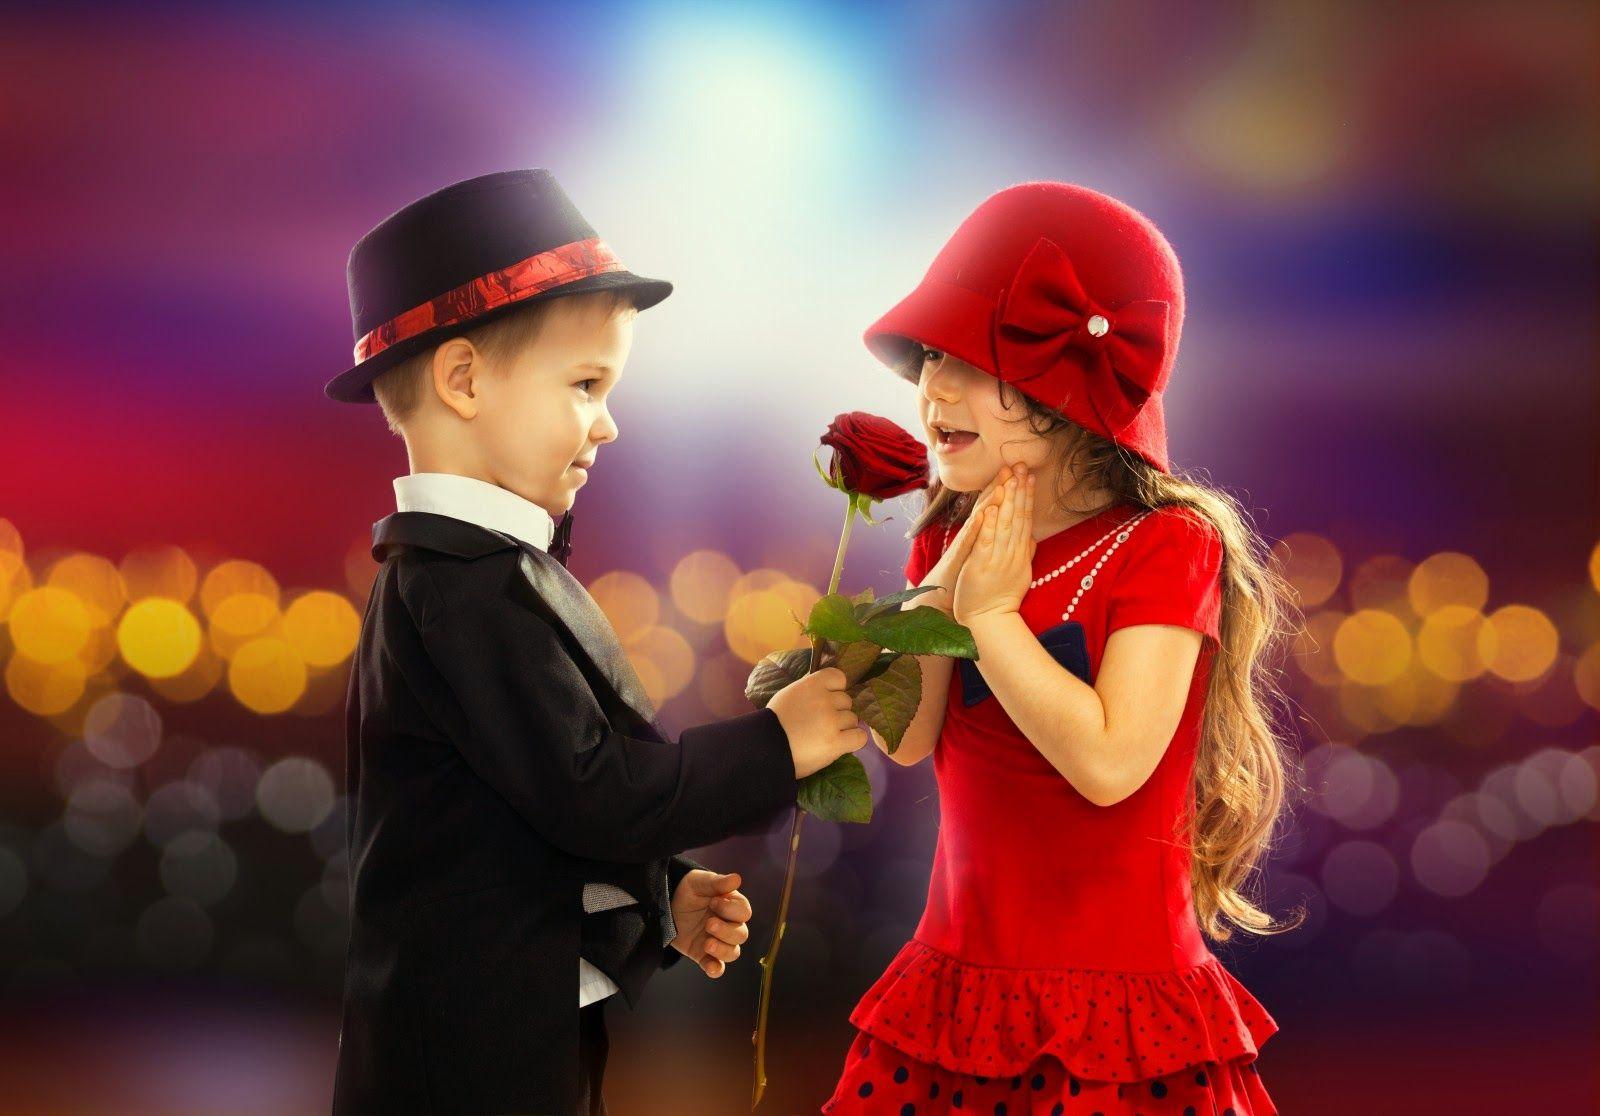 Hd Wallpaper Urdu Images Poetry Cute Boy Wallpaper Boys Wallpaper Love Wallpaper